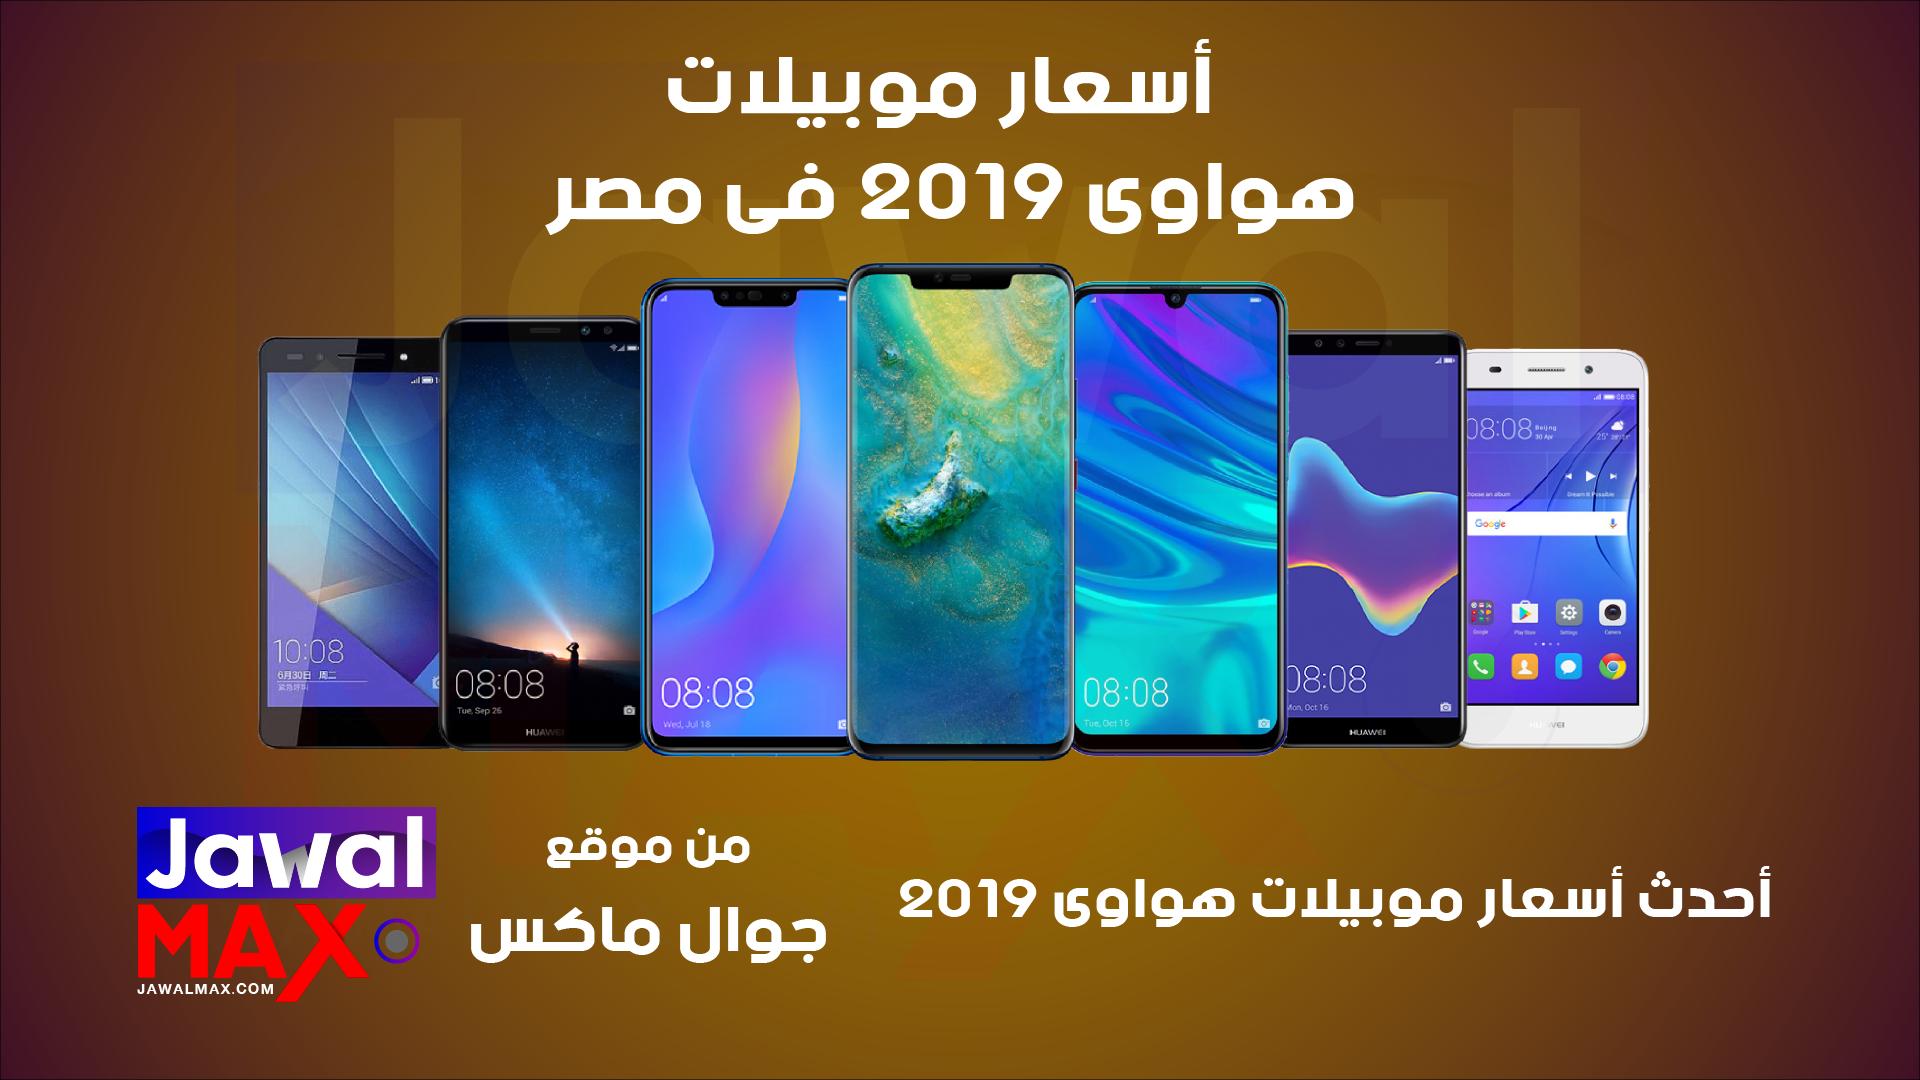 اسعار هواوي في مصر 2019 جوال ماكس